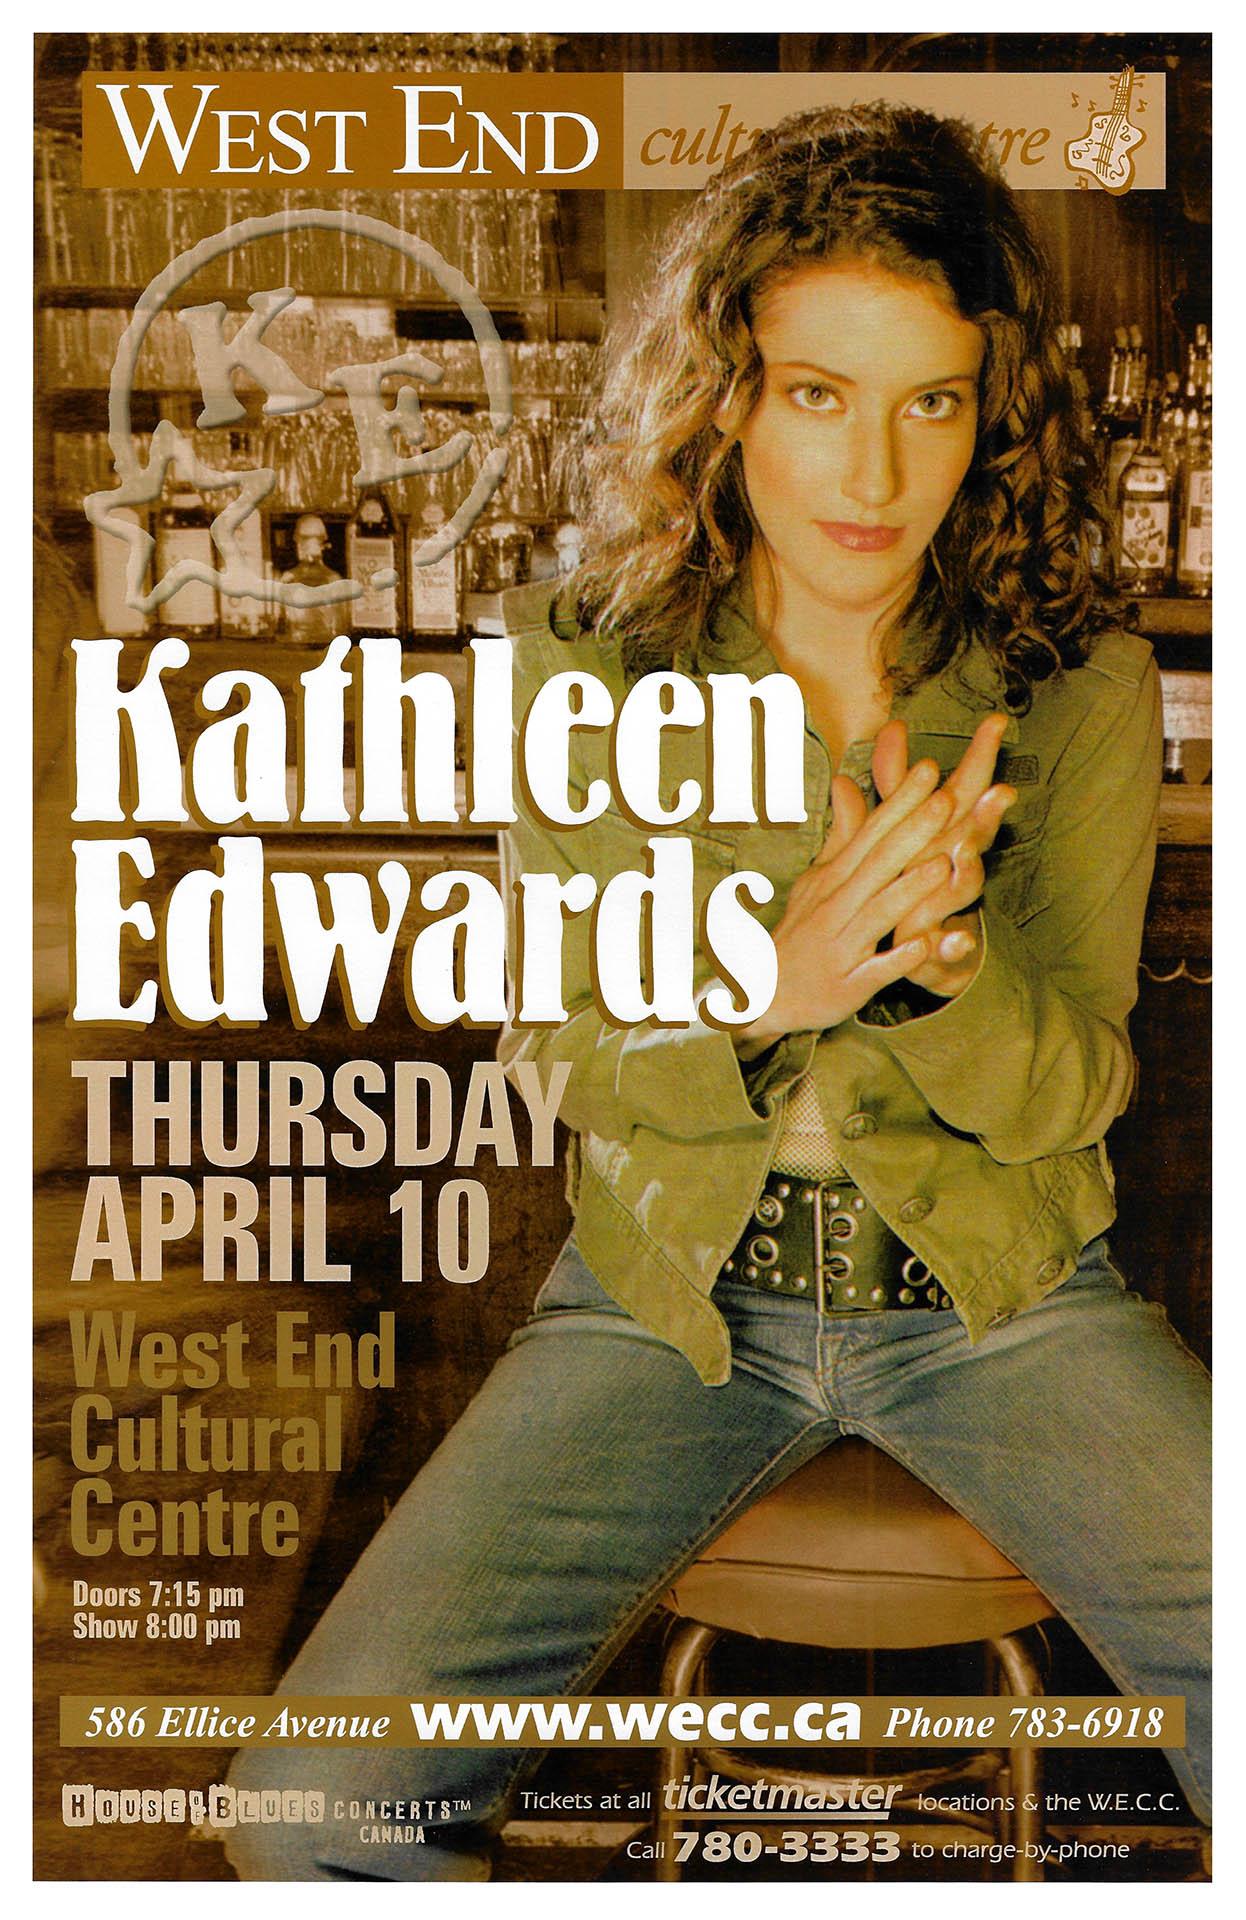 Kathleen Edwards - 2003